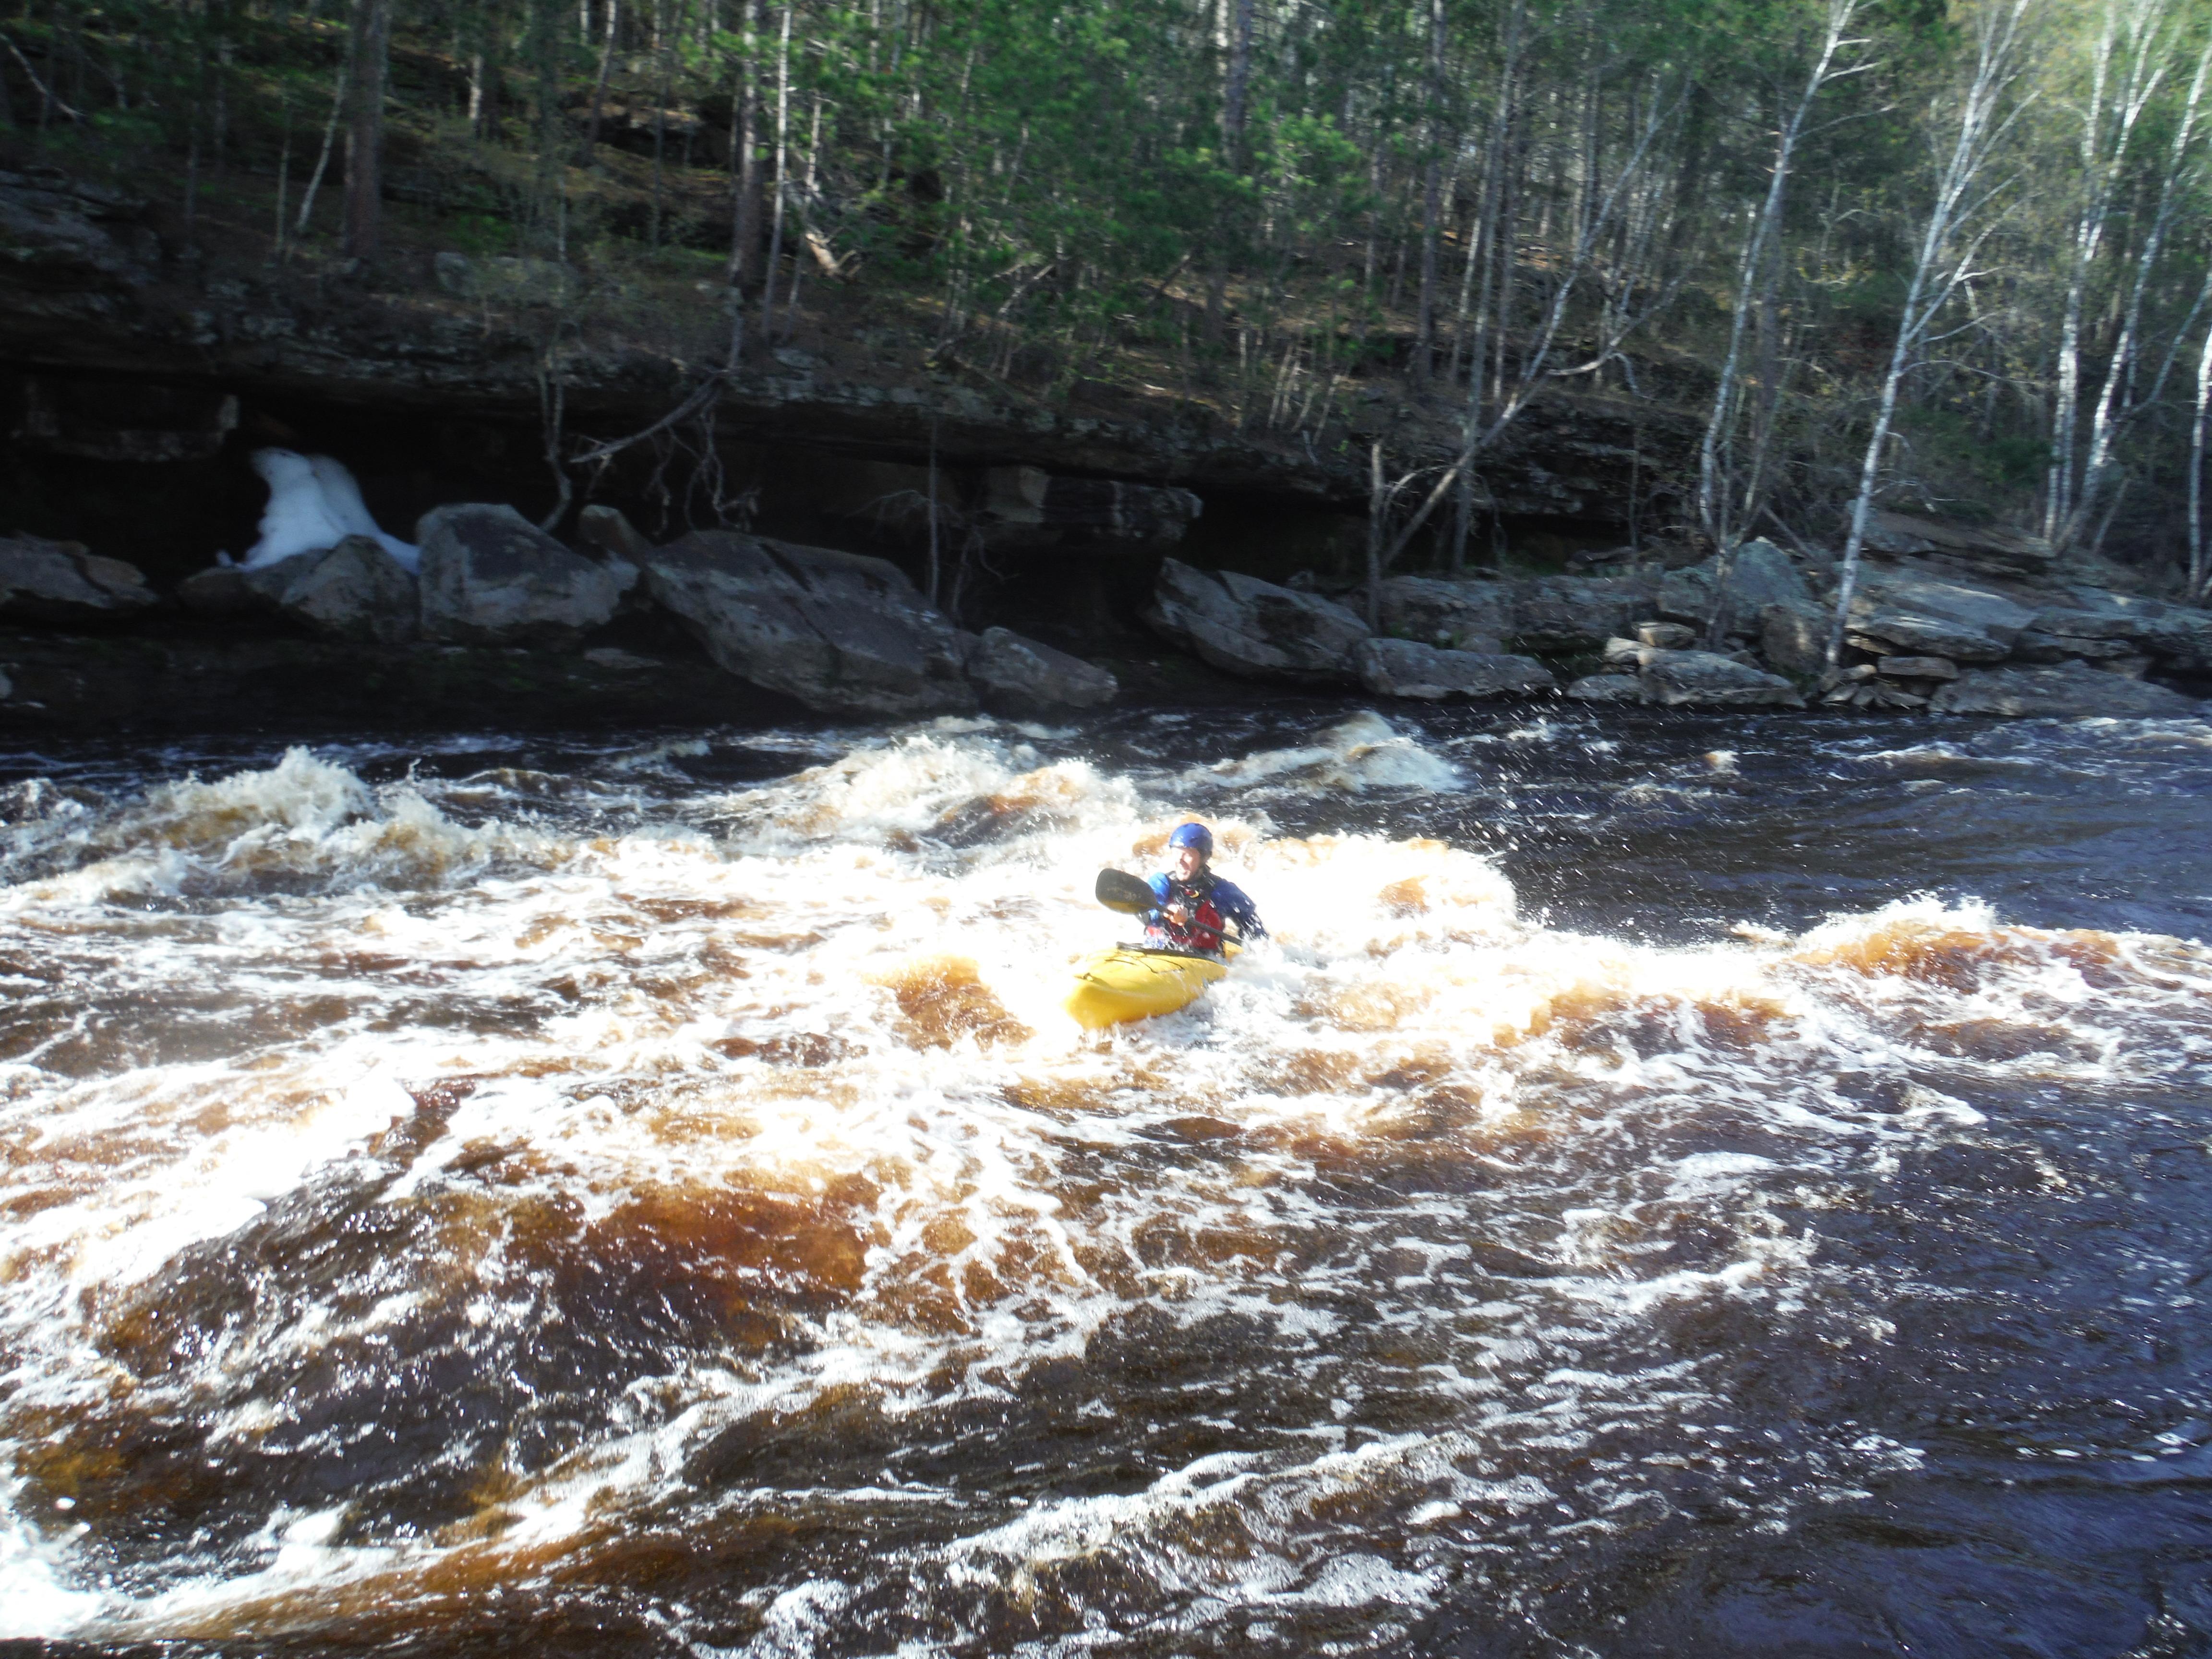 kettle river minnesota whitewater